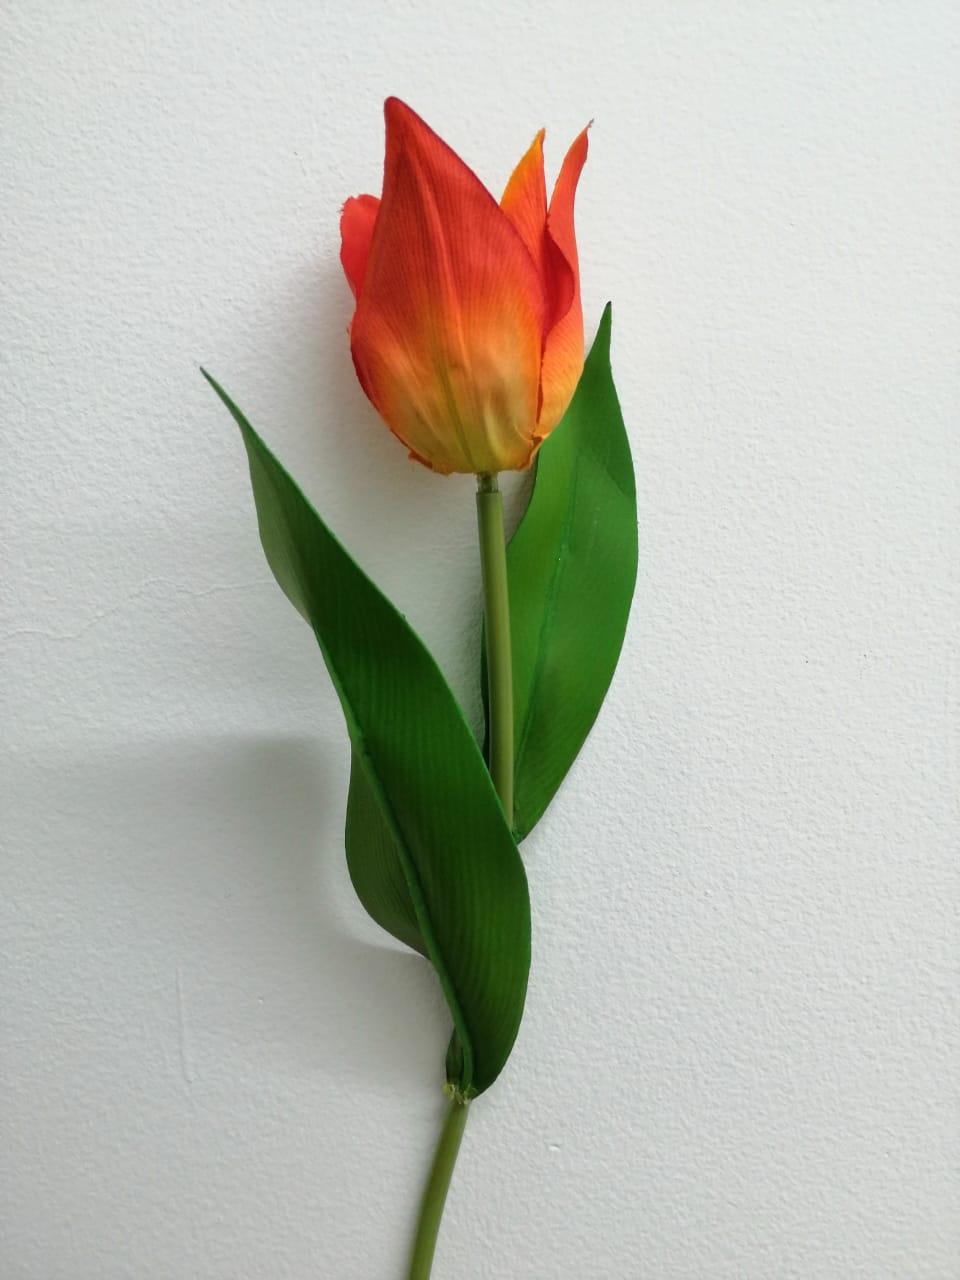 Flor de tulipan